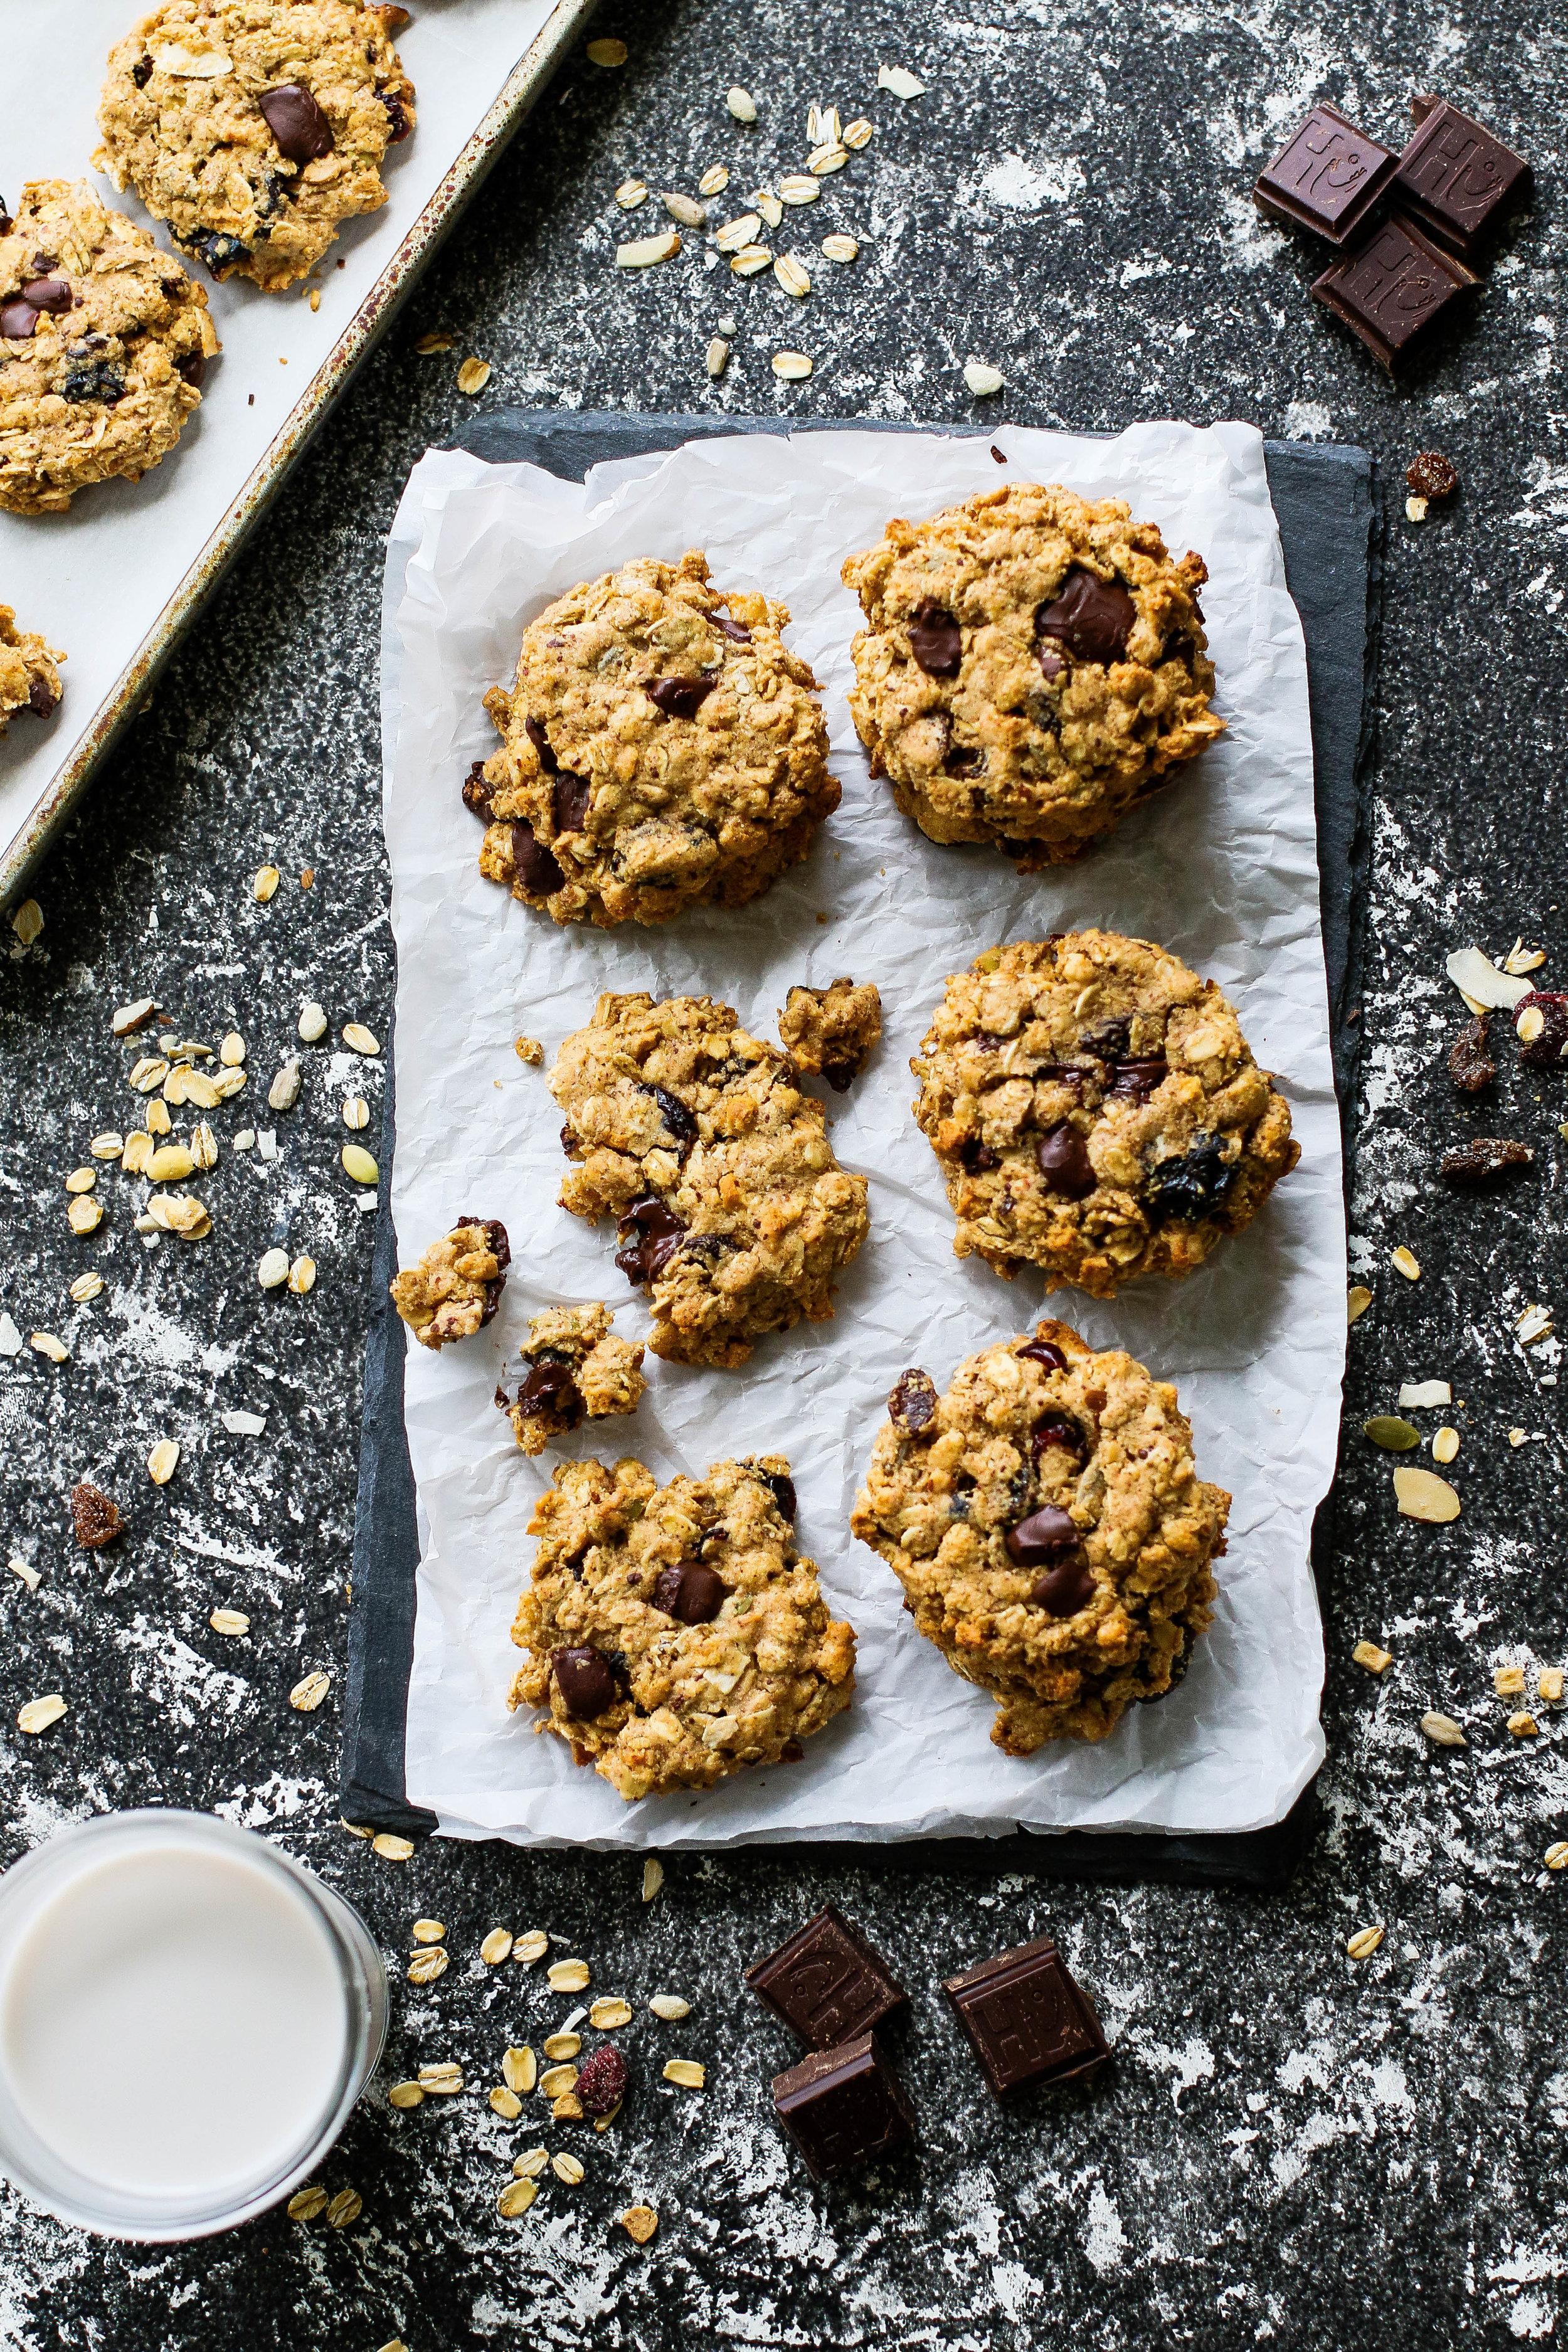 Hu-Chocolate-Gluten-Free-Dark-Chocolate-Chunk-Muesli-Cookies-1.jpg